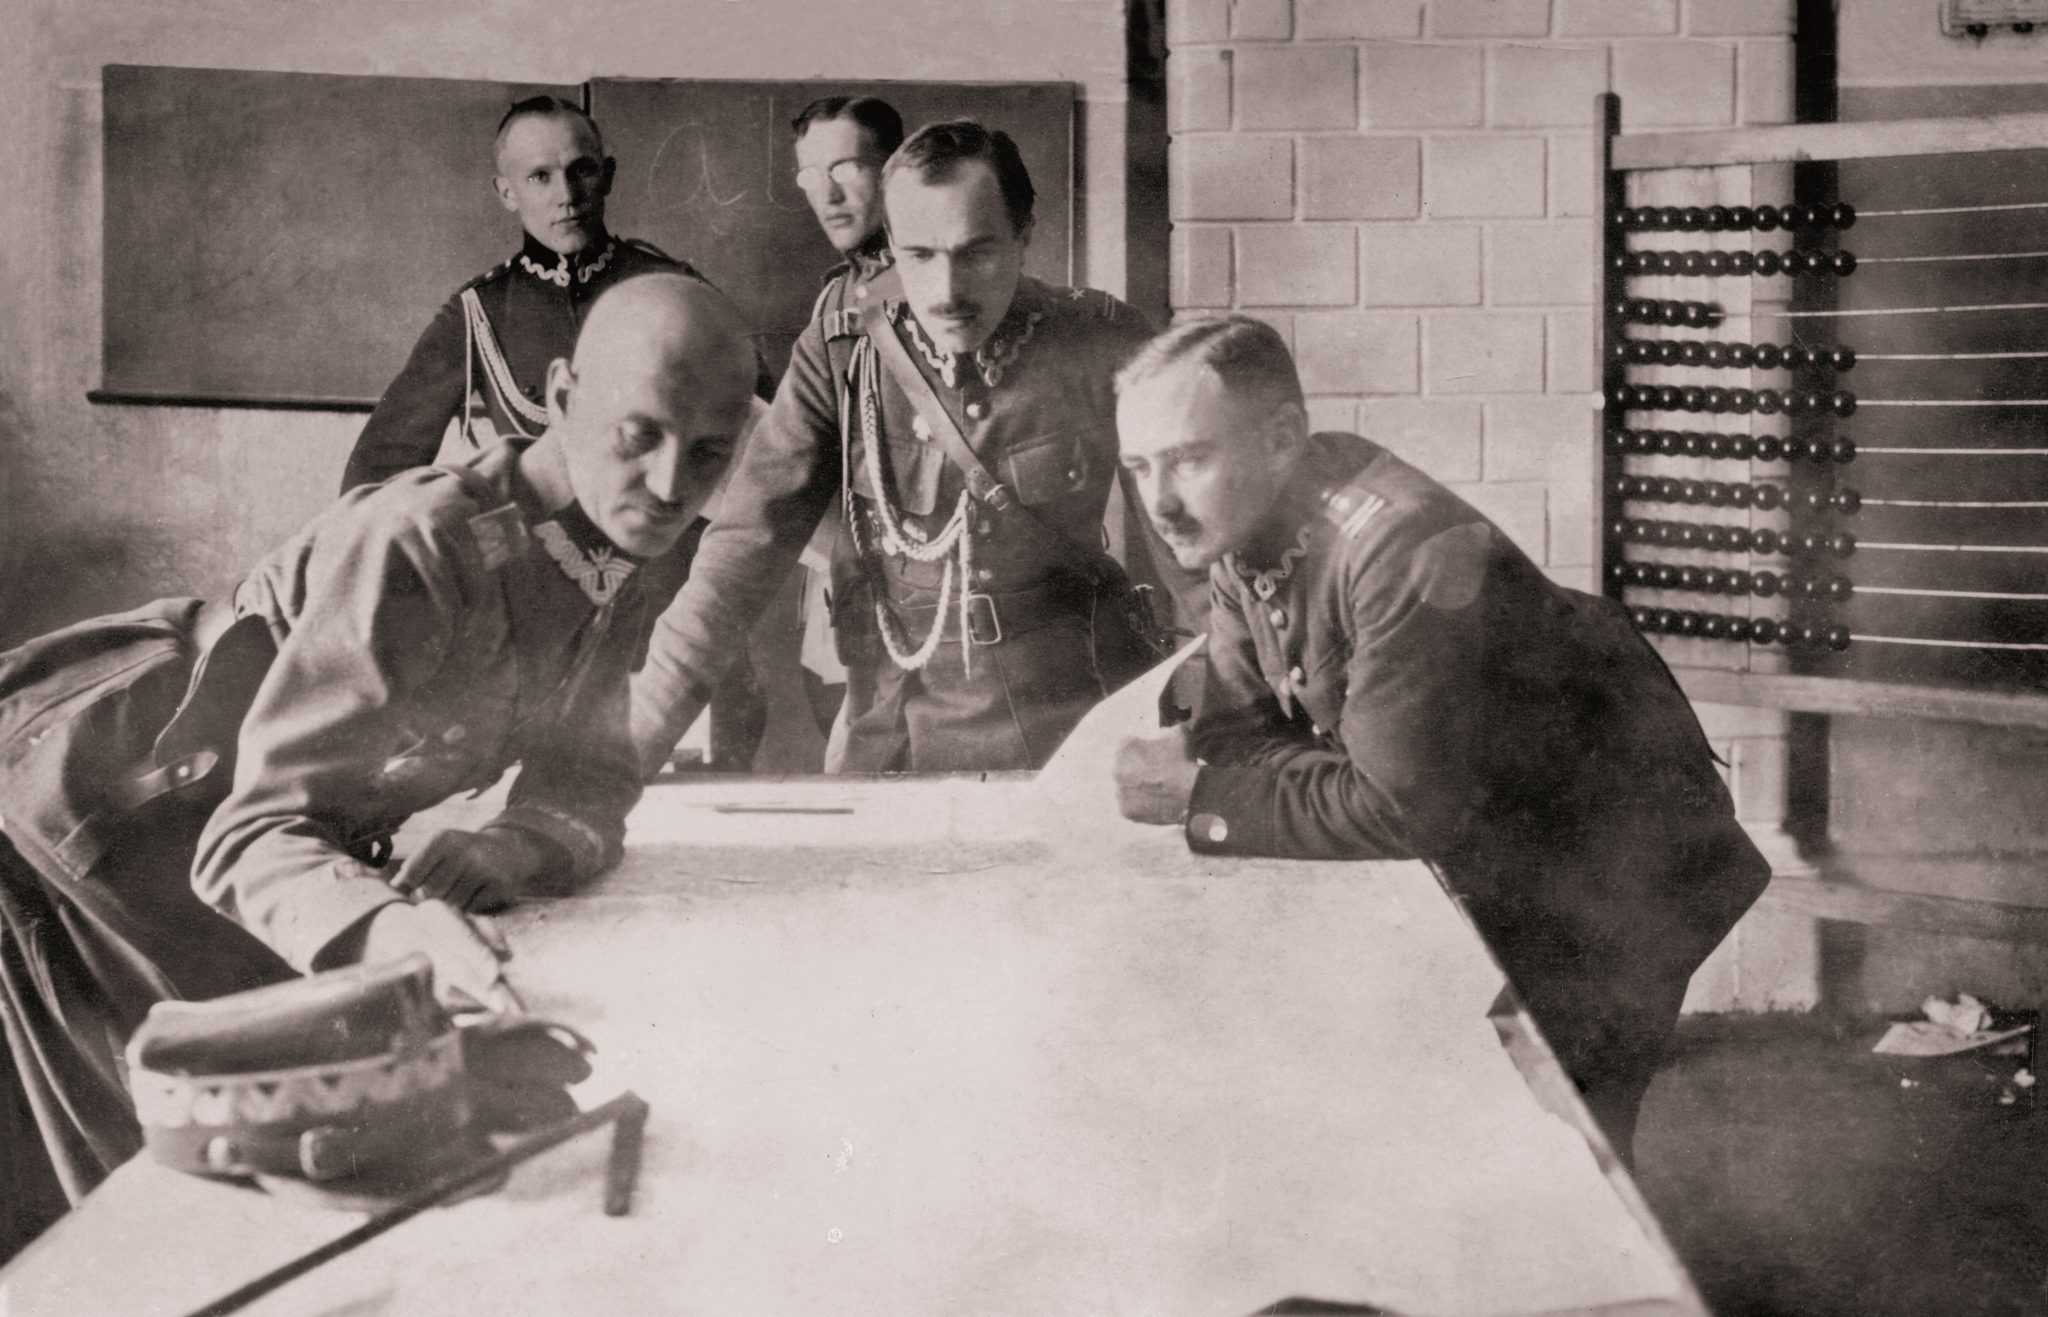 trzech mężczyzn pochylionych nad mapą na stole